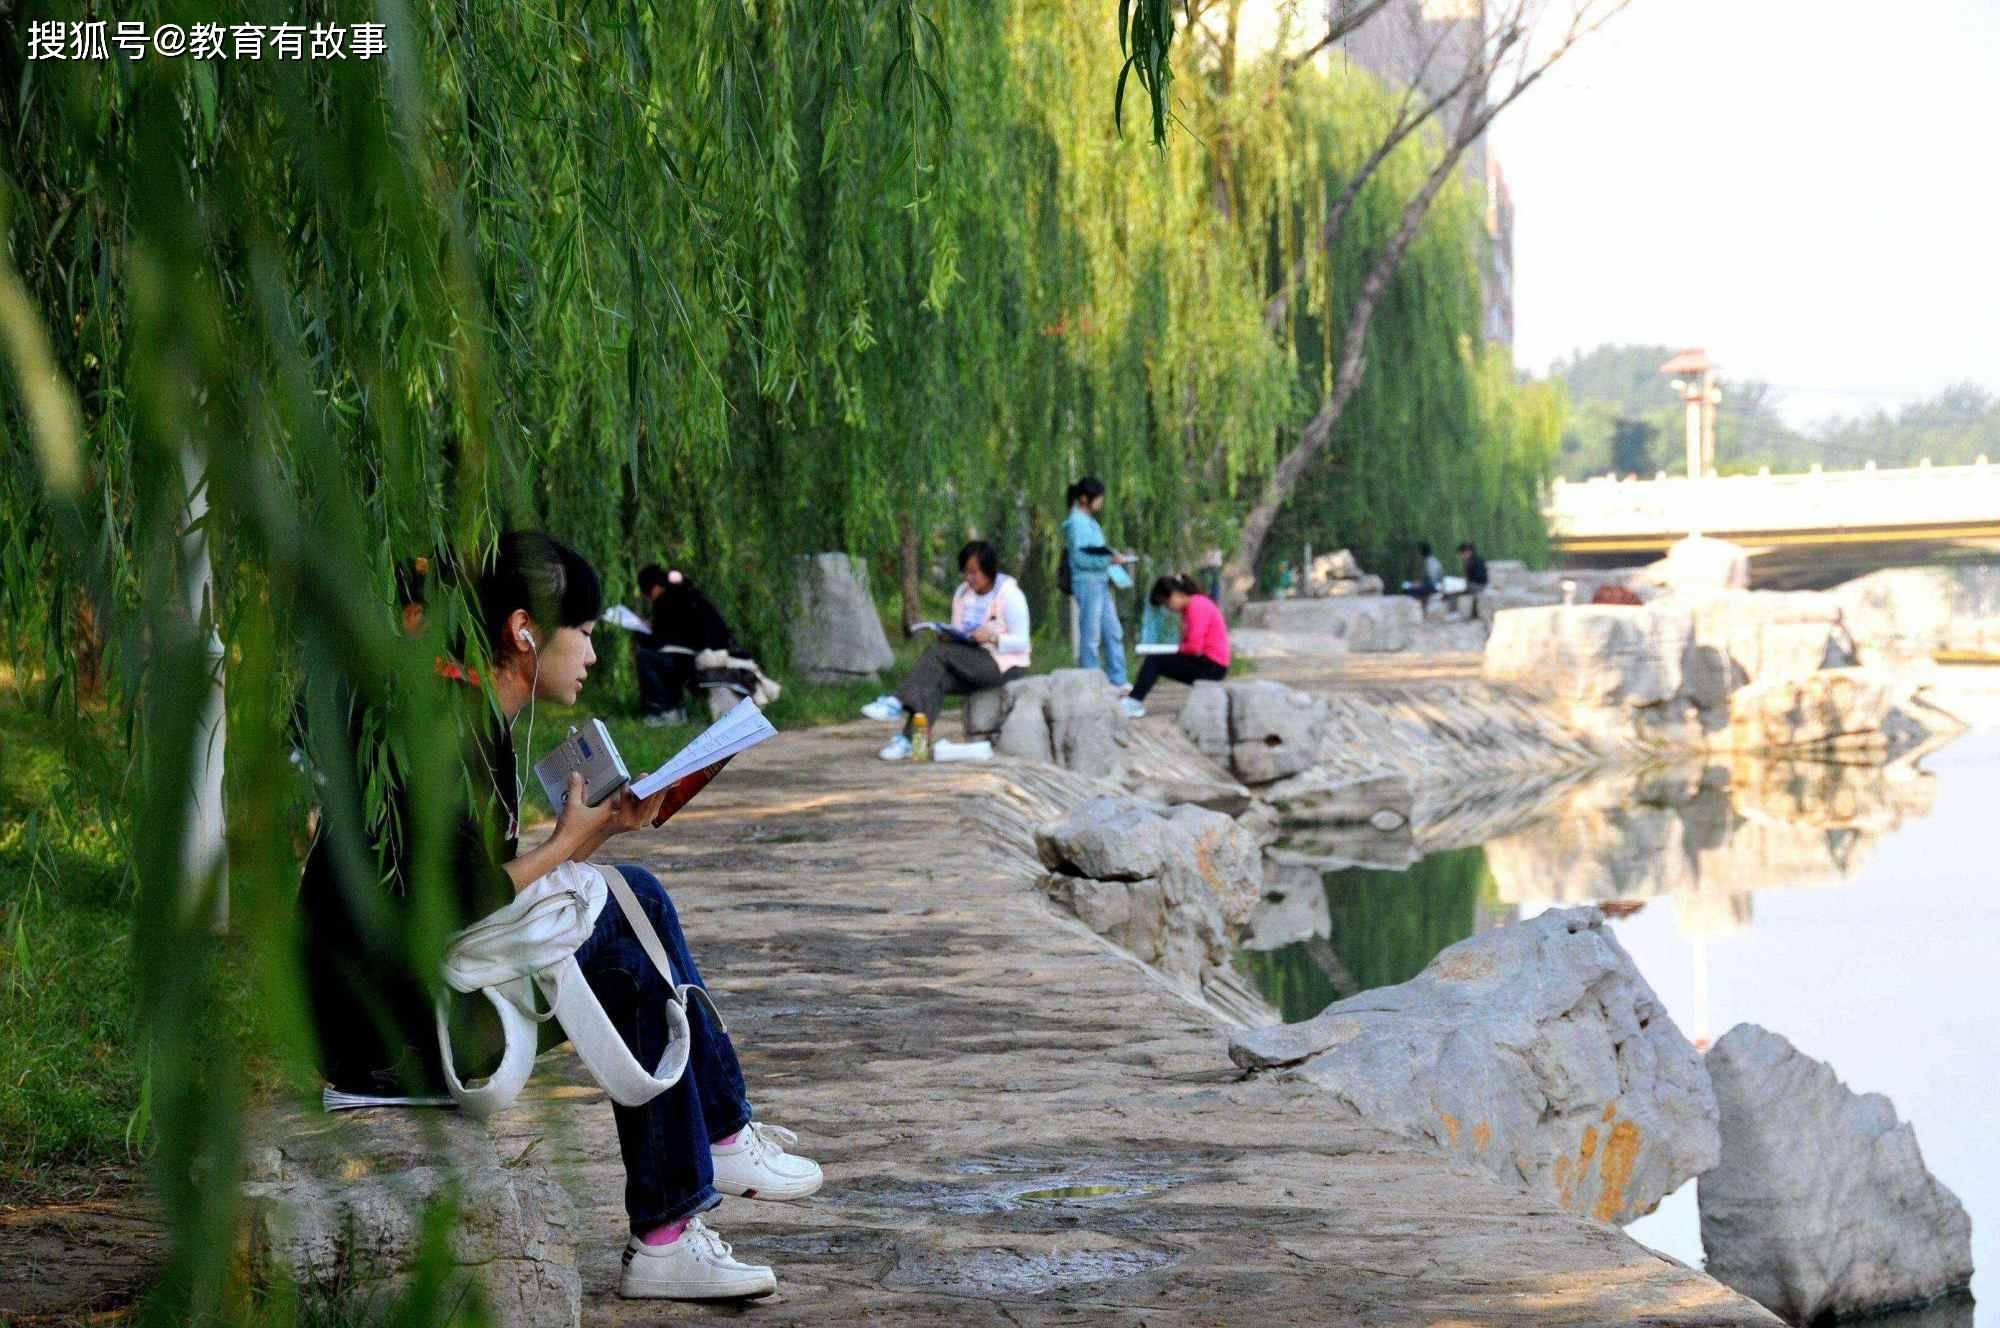 原创 华南地区大学最新排行榜,前三名没有悬念,这所双非大学表现抢眼